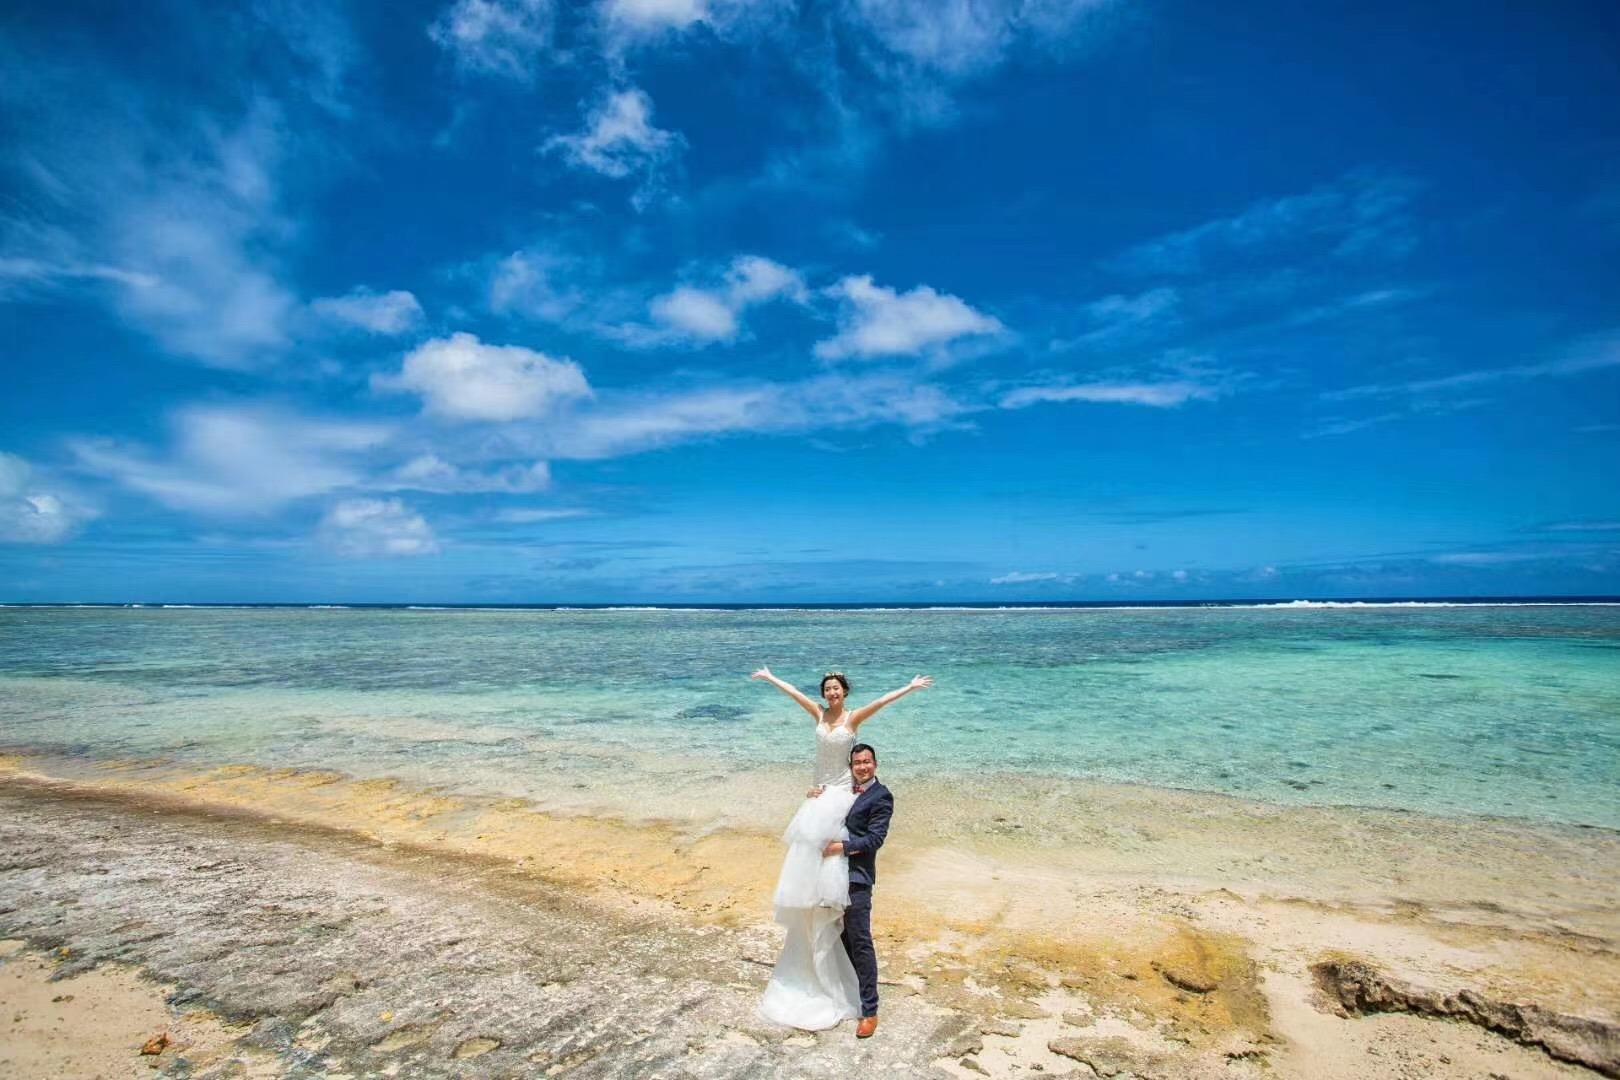 塞班岛旅拍婚纱照推荐